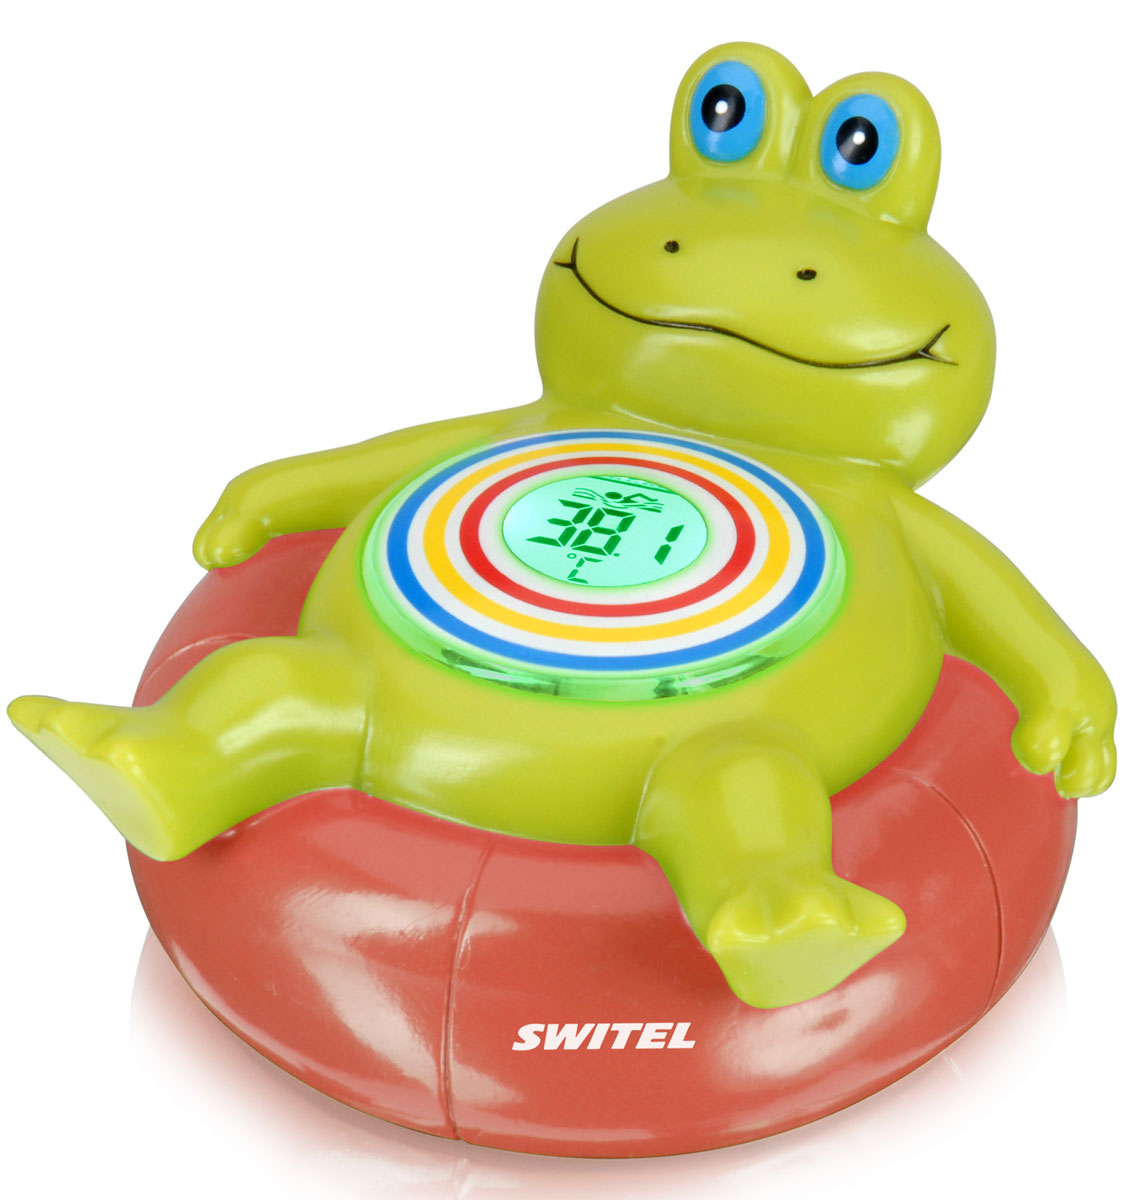 Switel Термометр для воды детский BC30068/5/1Забавный детский термометр «Лягушонок» от известного швейцарского производителя детских товаров Switel. Замечательная игрушка, с которой малышу весело купаться, оповестит родителей об изменении температур и готовности воды. Цифровой дисплей отображает значение температуры, а цвет подсветки меняется вместе с изменением температуры: красный – вода слишком горячая; зелёный – комфортная; жёлтый – слишком холодная.